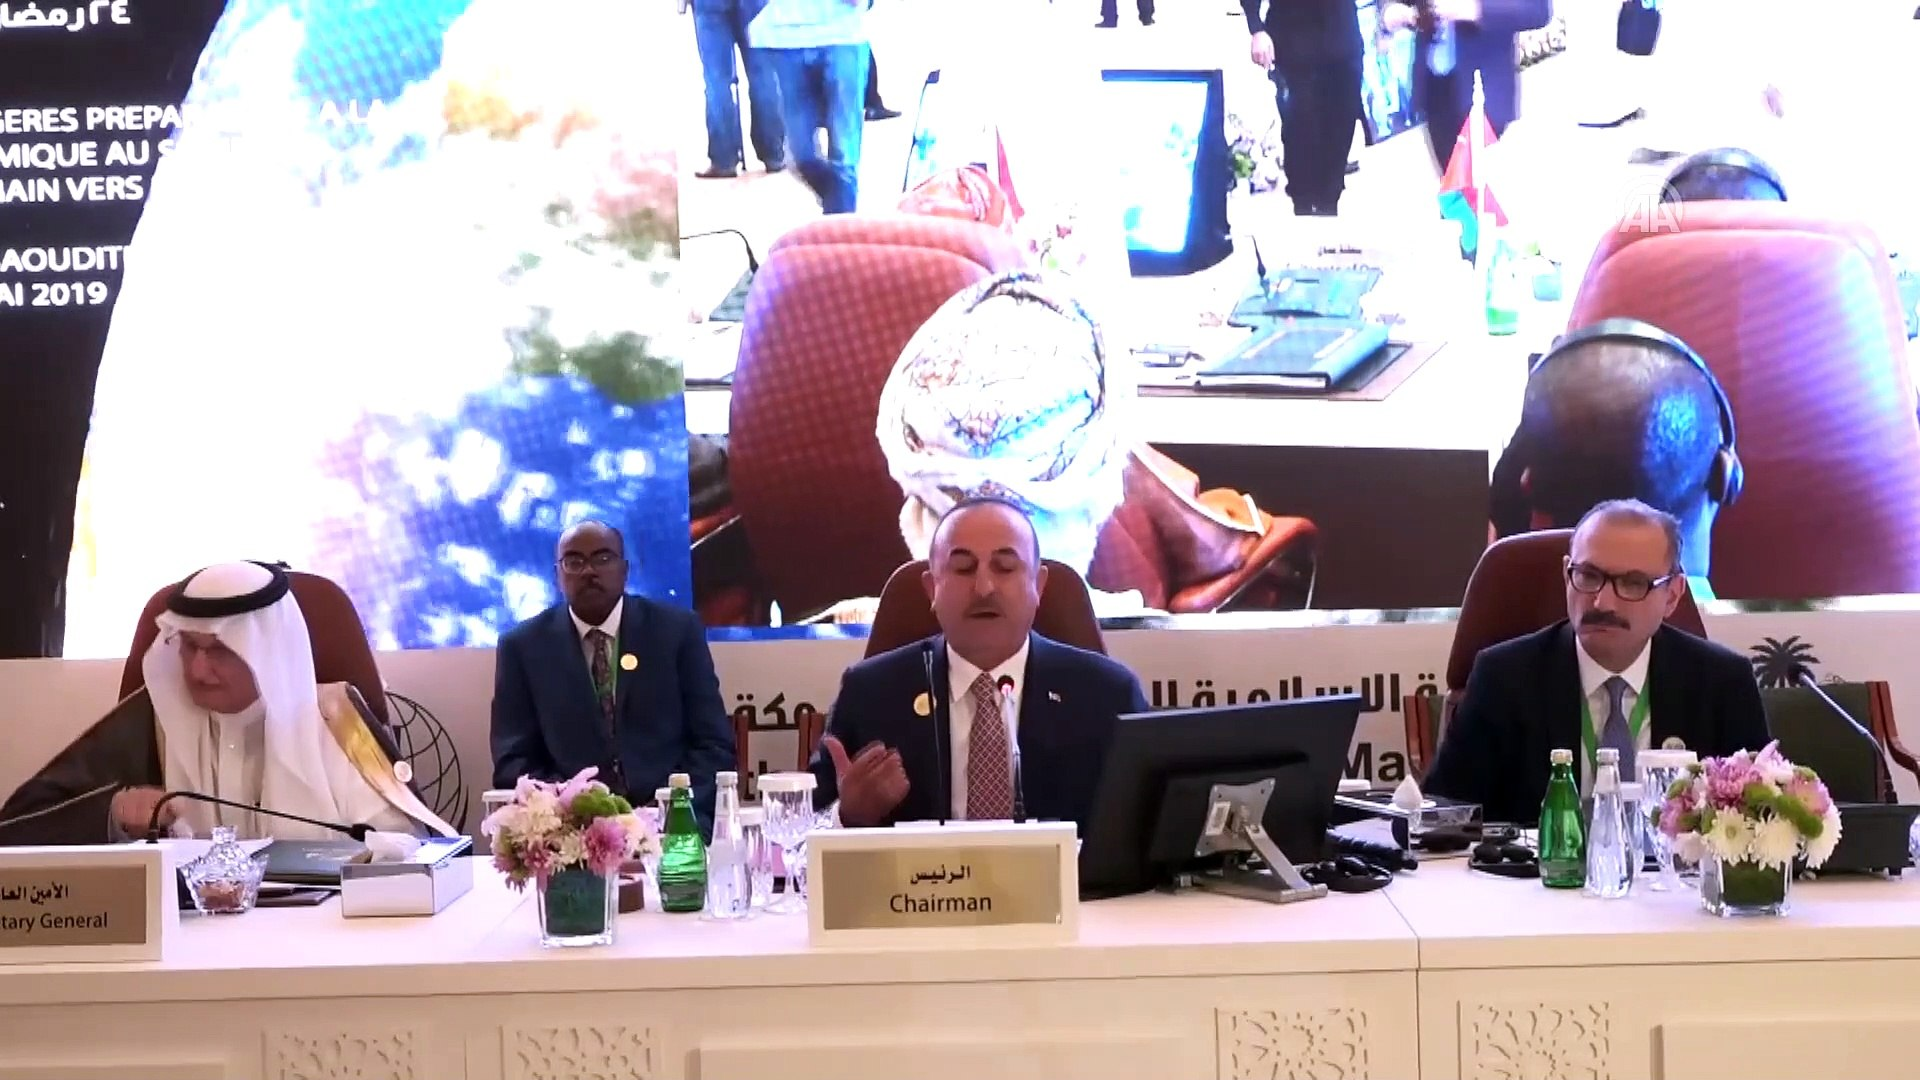 Dışişleri Bakanı Çavuşoğlu, İslam İşbirliği Teşkilatı Bakanlar Toplantısına katıldı (2) - CİDDE